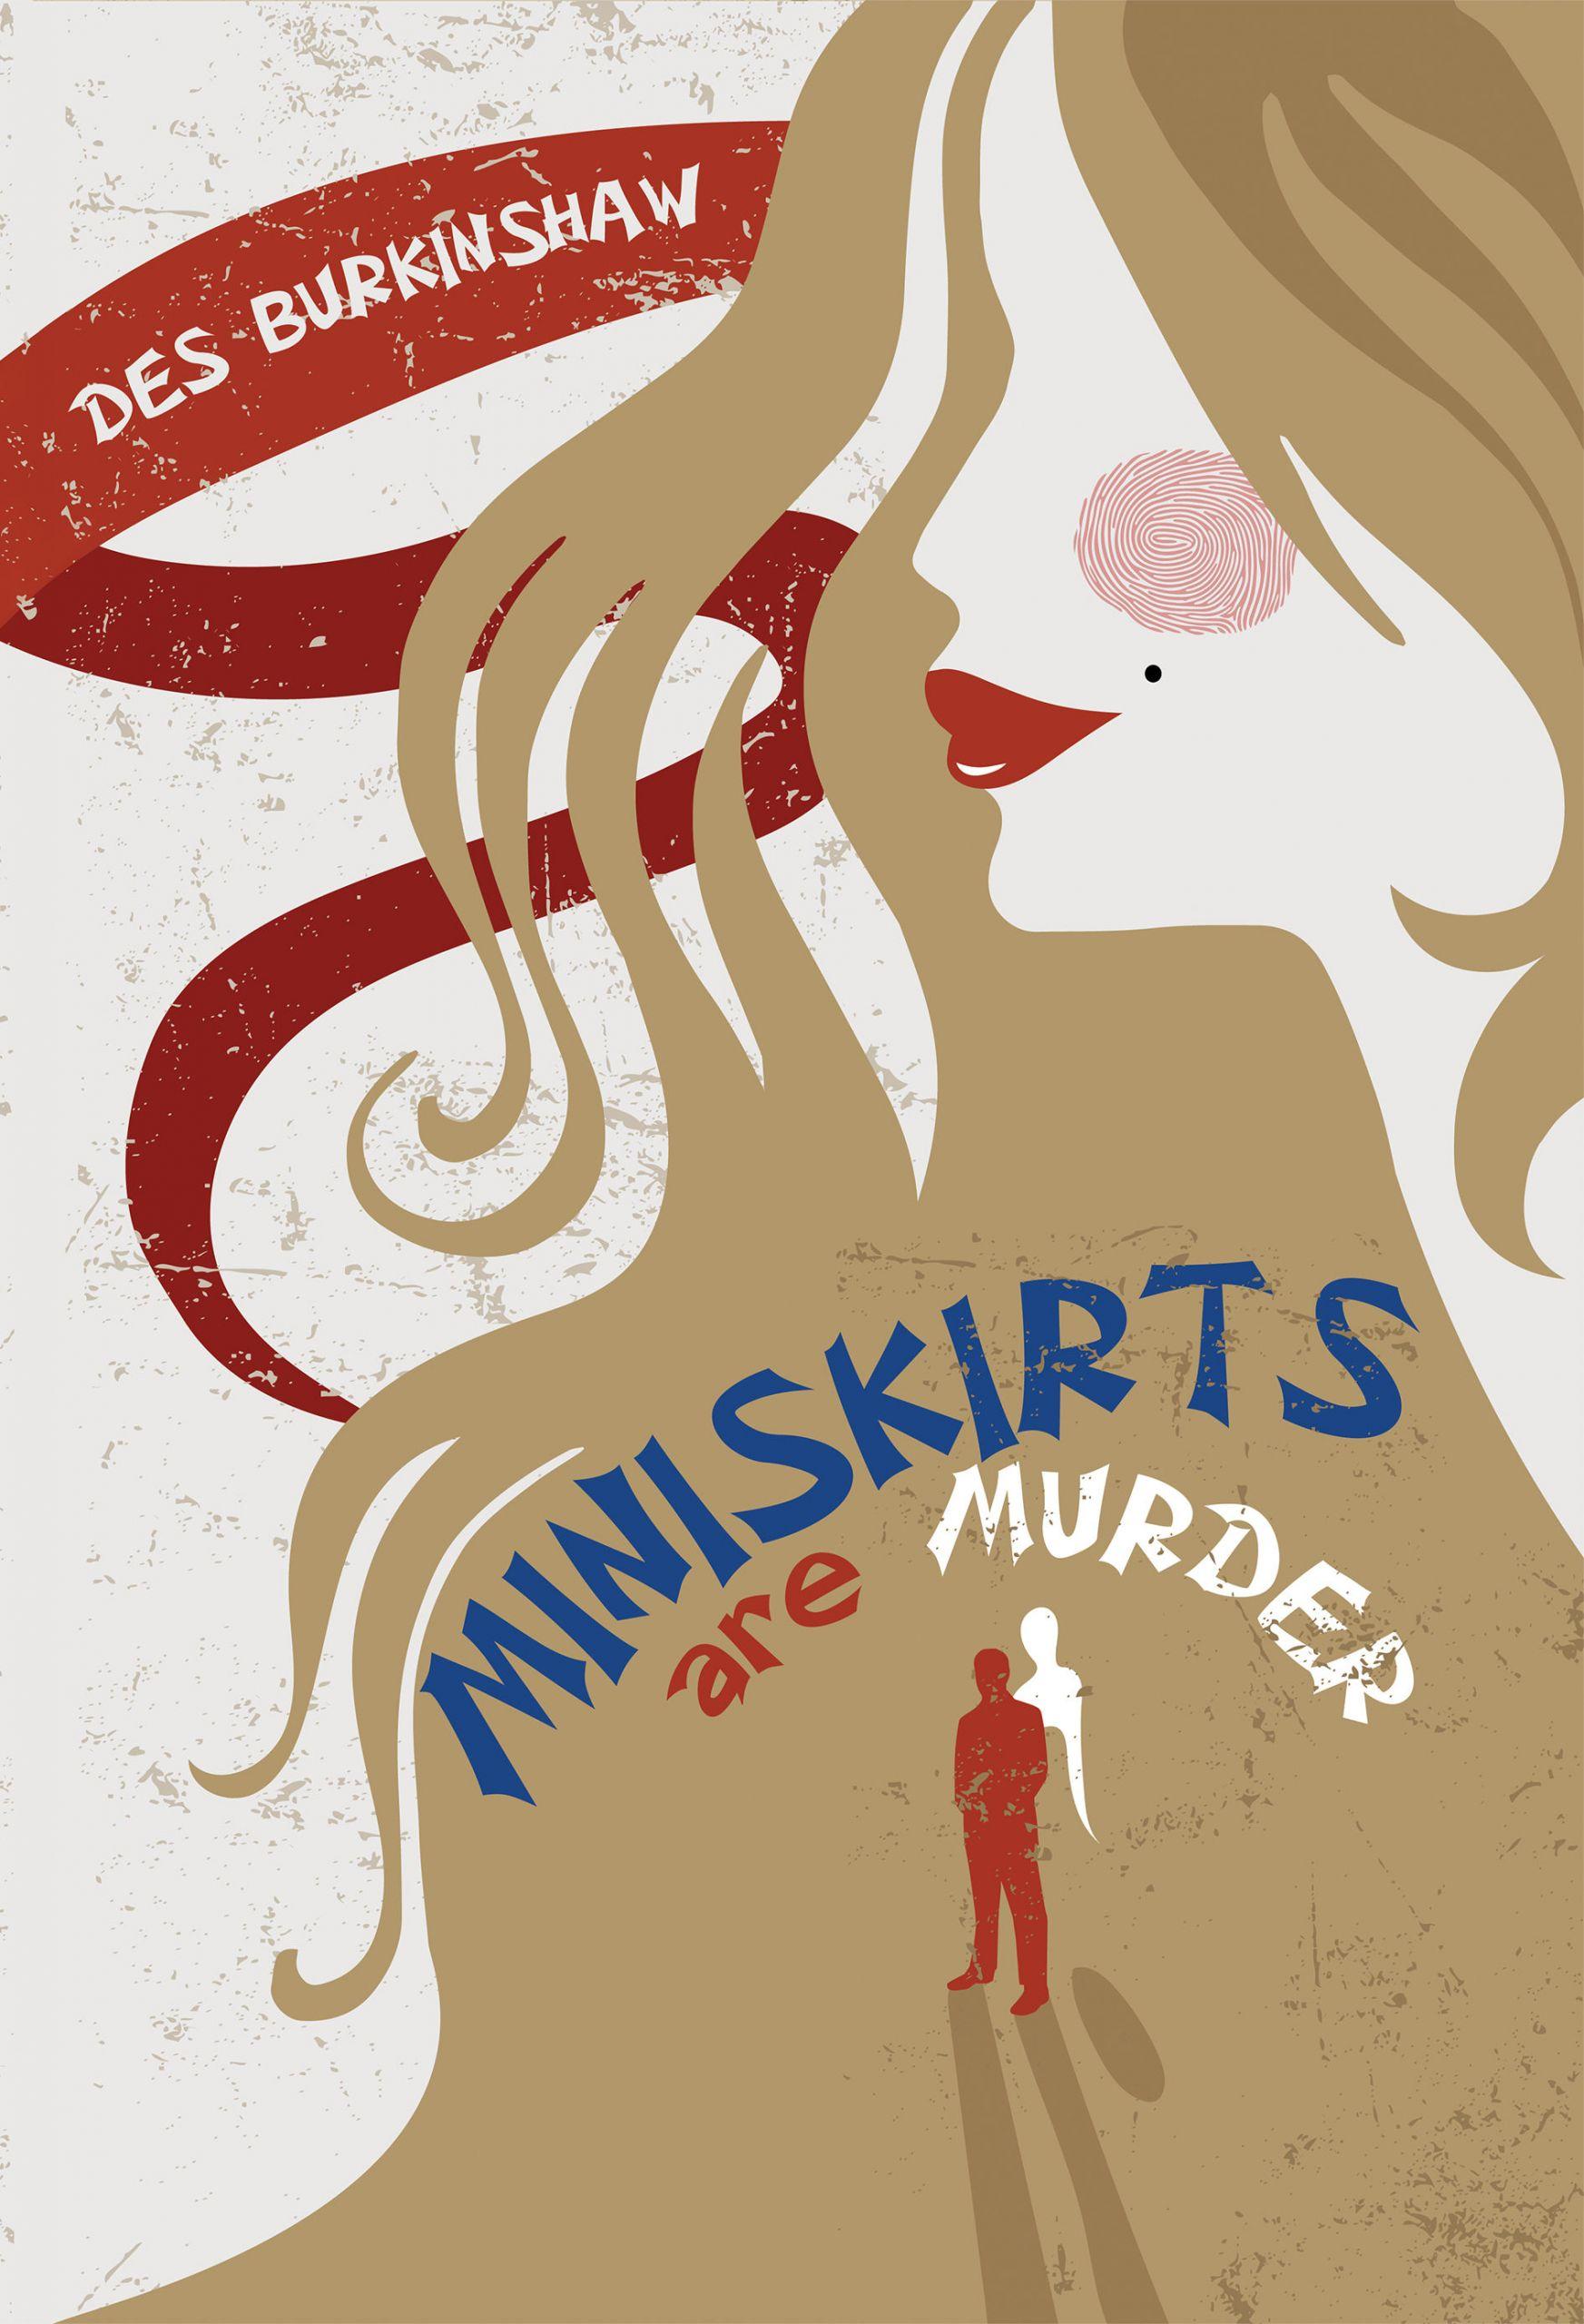 Cover Art for Miniskirts are Murder